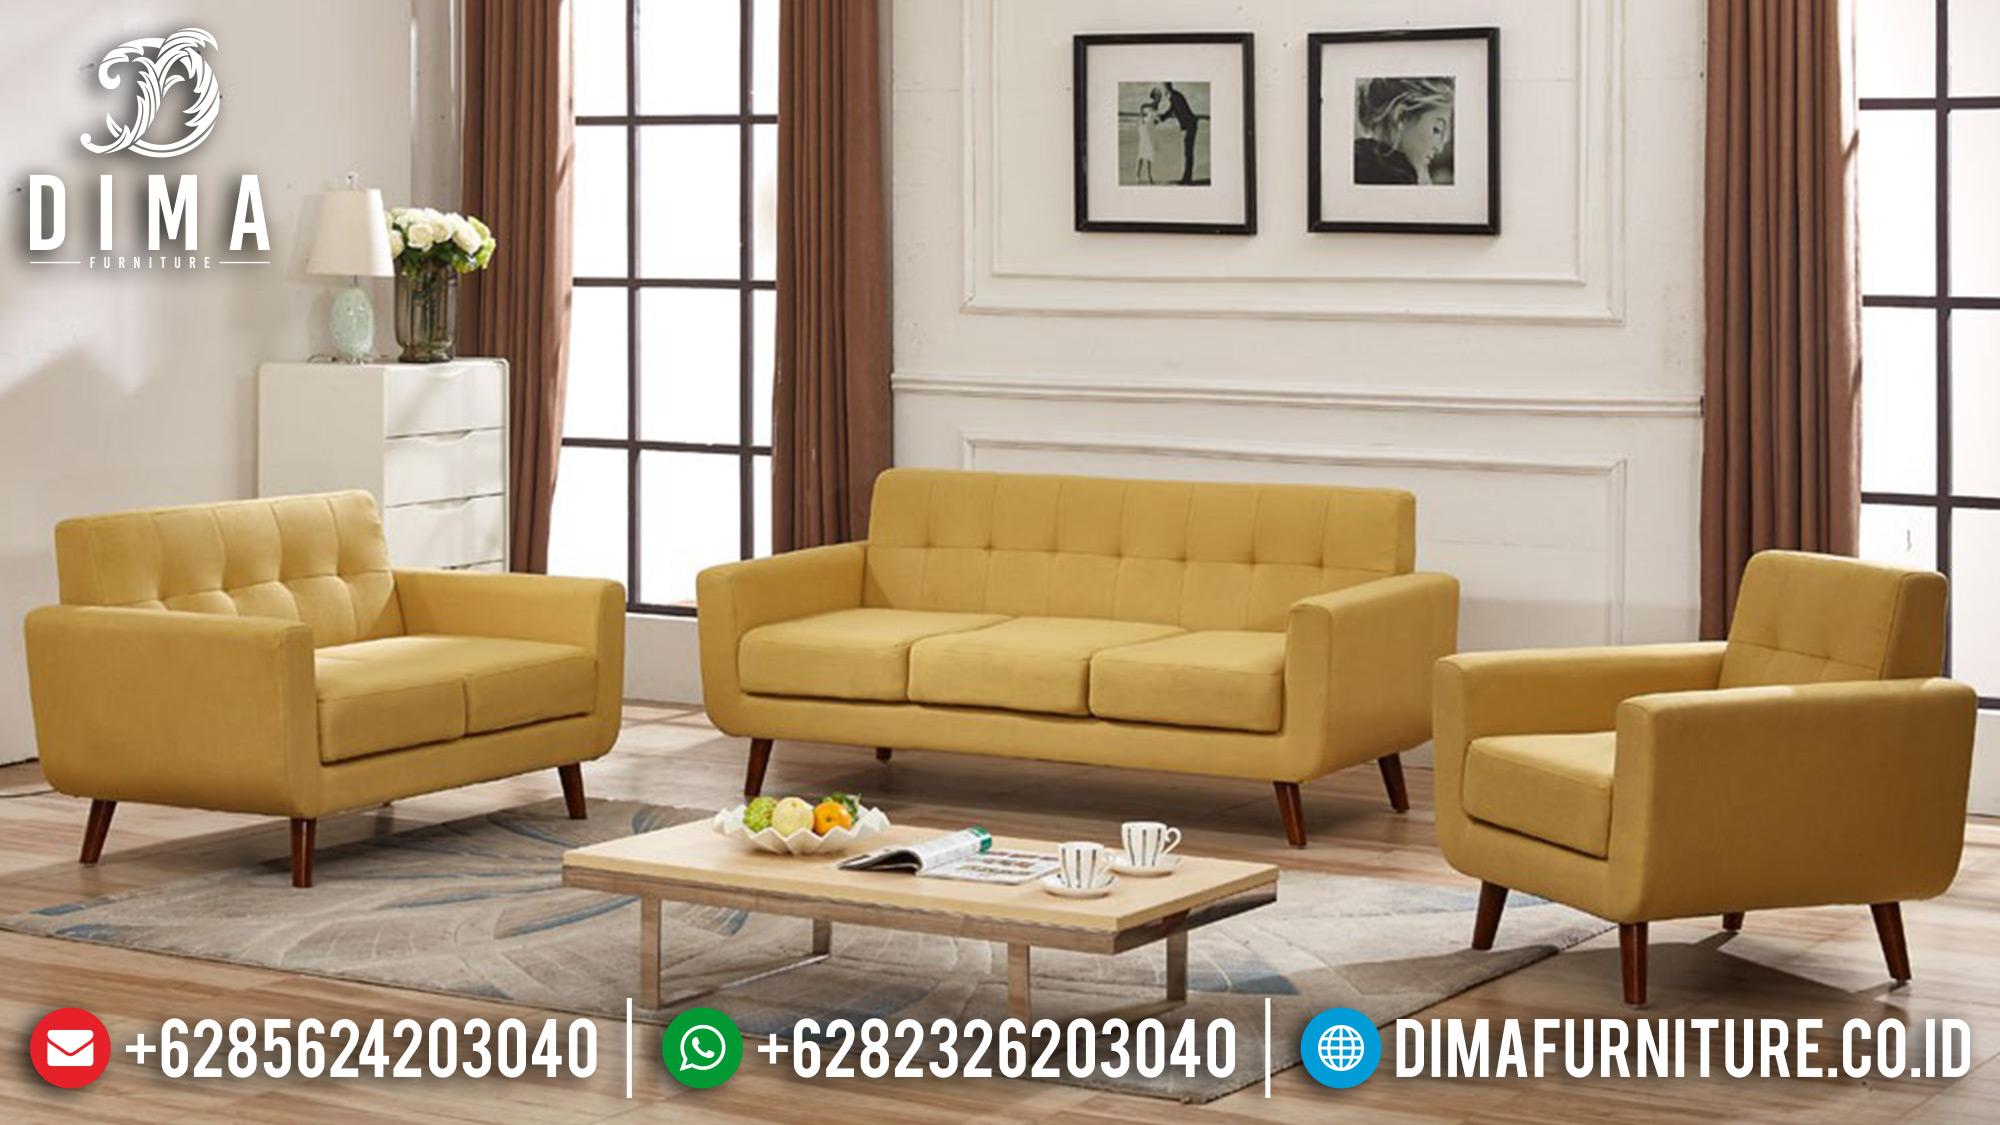 Mebel Jepara Terbaru Set Kursi Sofa Tamu Minimalis Mewah Tosca DF-0546 Gambar 2